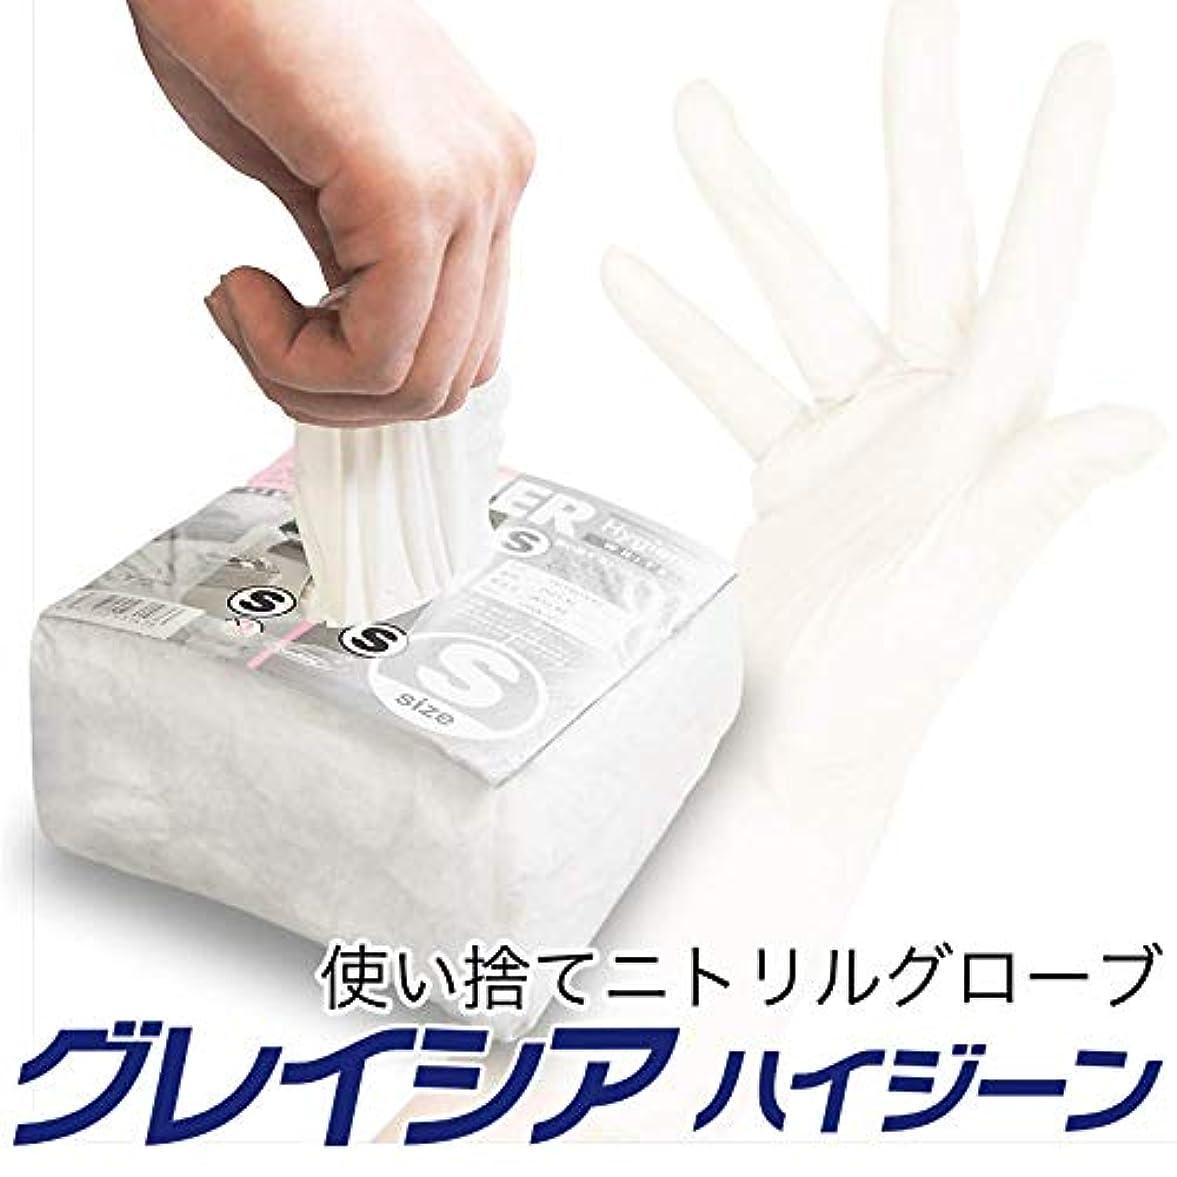 罪人せがむ知覚モレーンコーポレーション 使い捨てニトリルグローブ グレイシアハイジーン ホワイト 125枚/パック